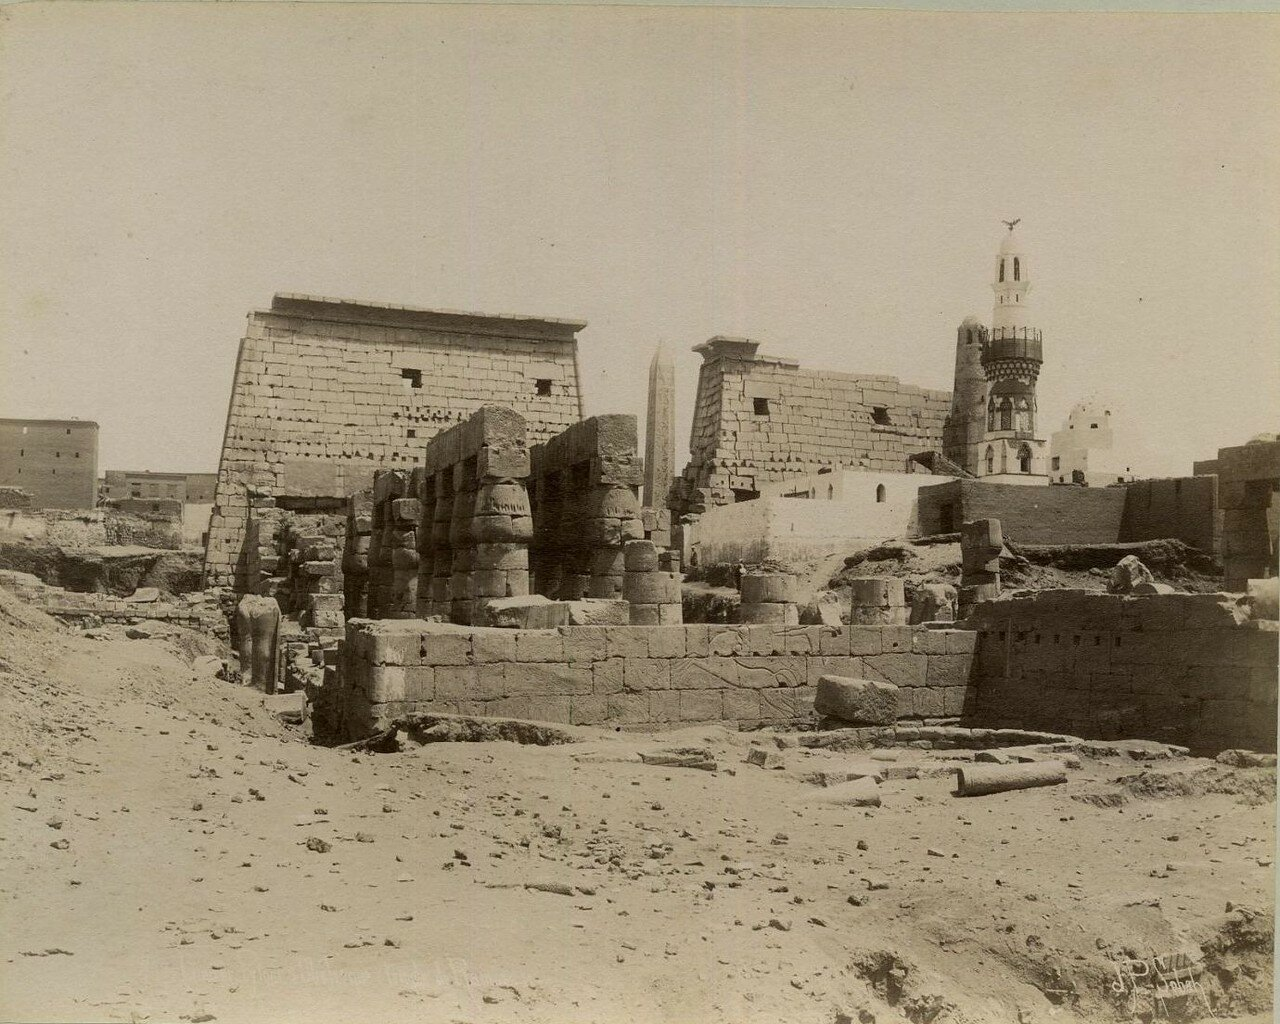 Луксорский храм. На заднем плане белая мечеть, где хранятся останки Абу-л-Хаггага